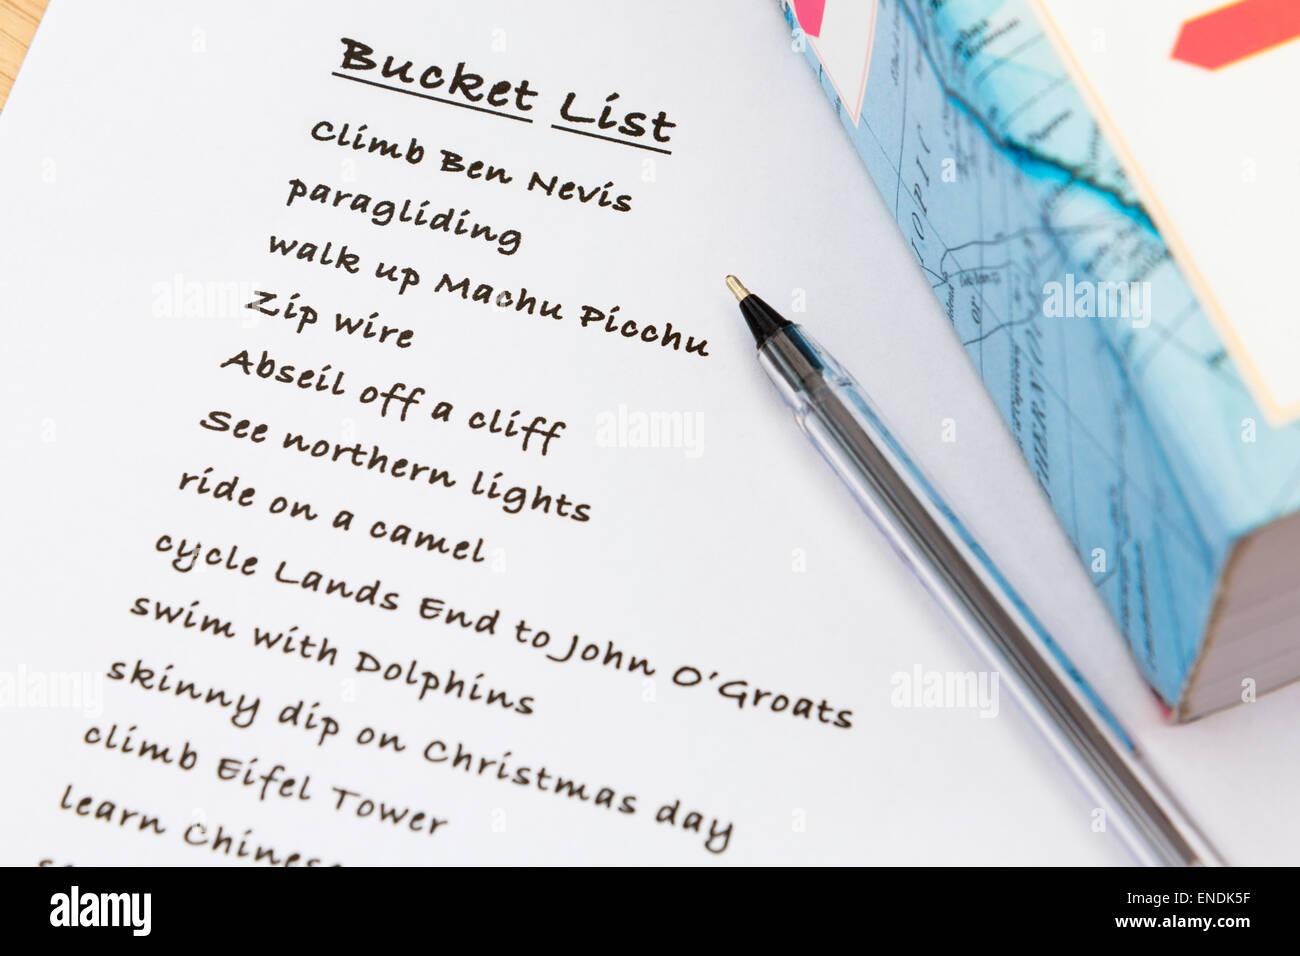 Una persona in inglese per fare elenco di piani di idee scritto su bianco nota la carta con una penna nera e guida Immagini Stock